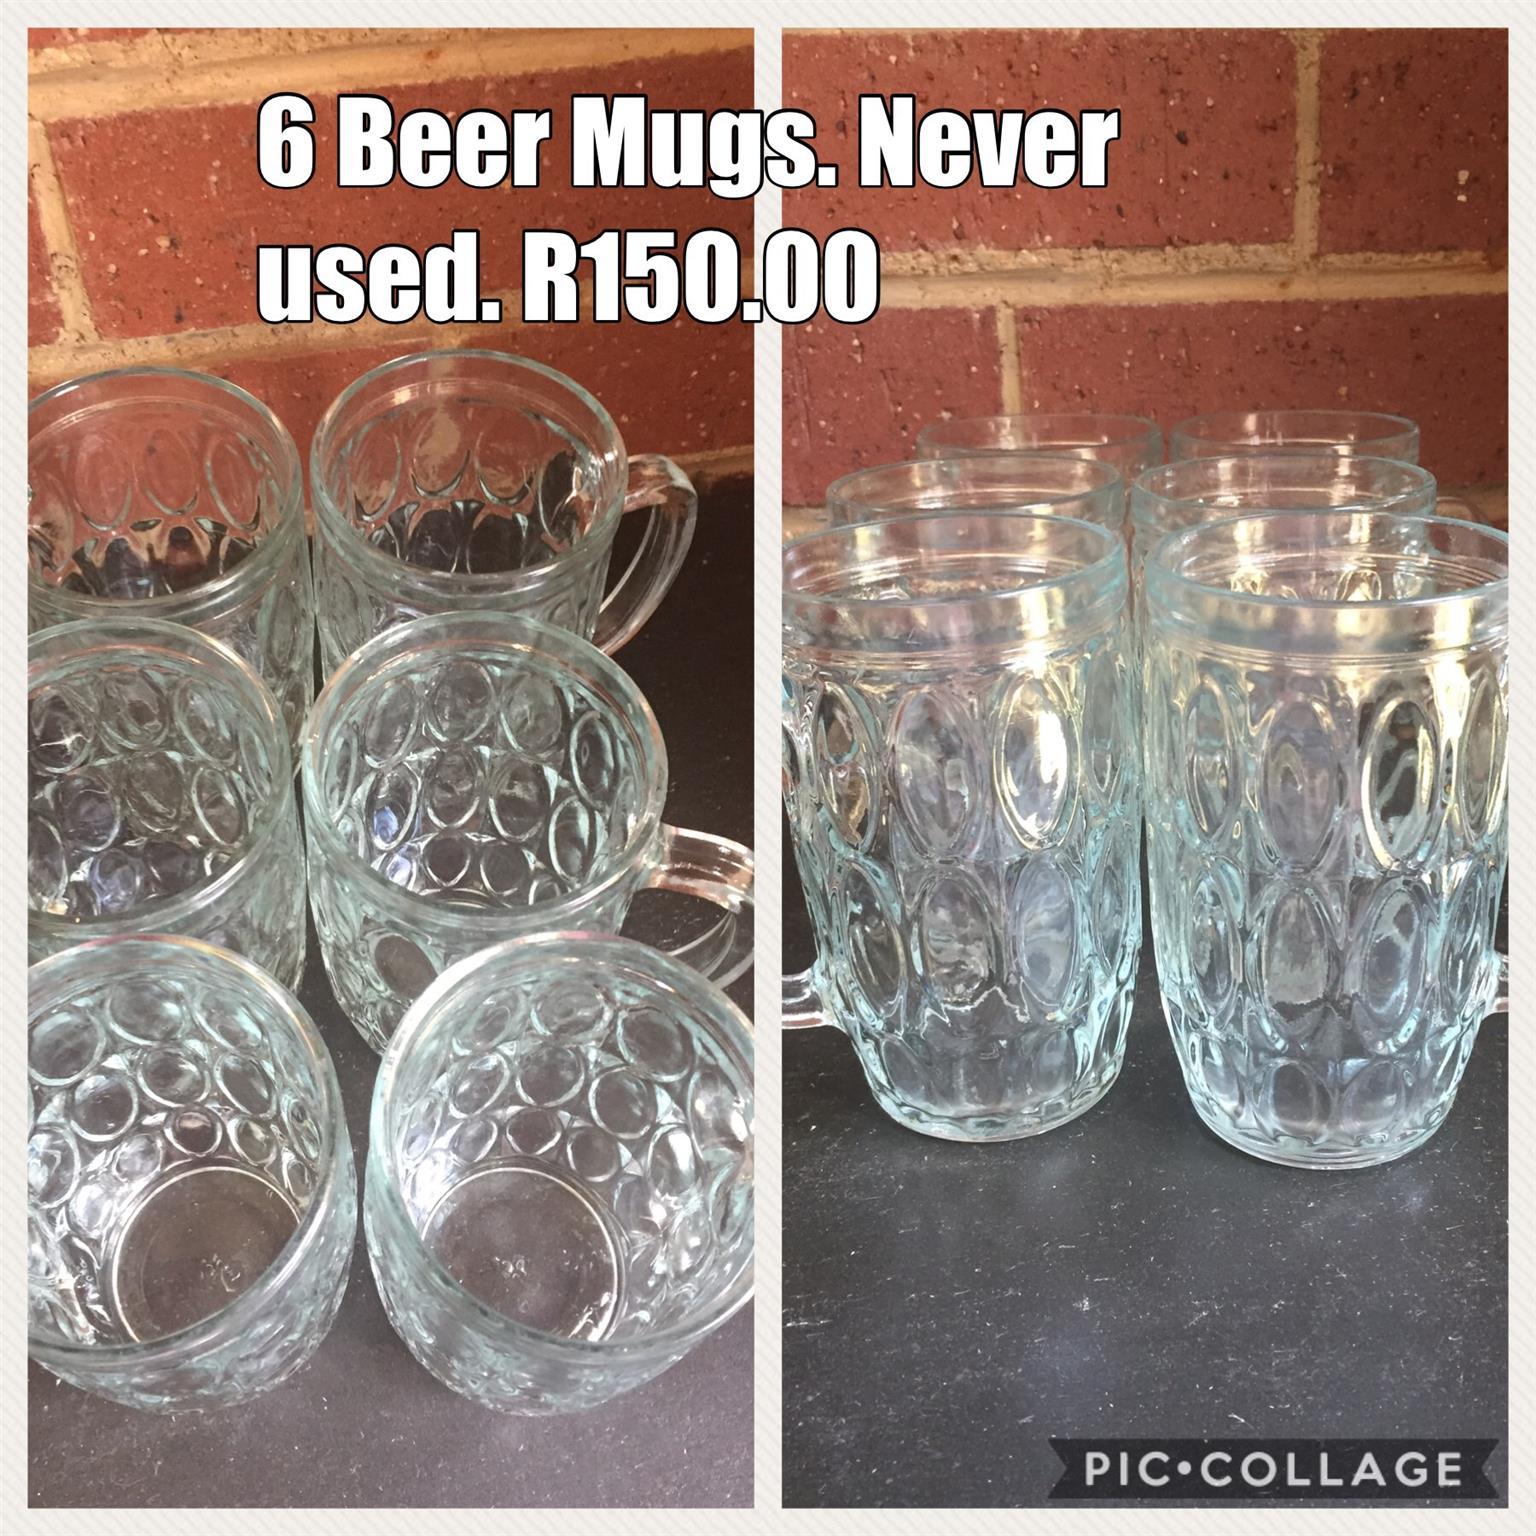 6 Beer Mugs - Never Used R 150.00 NEG